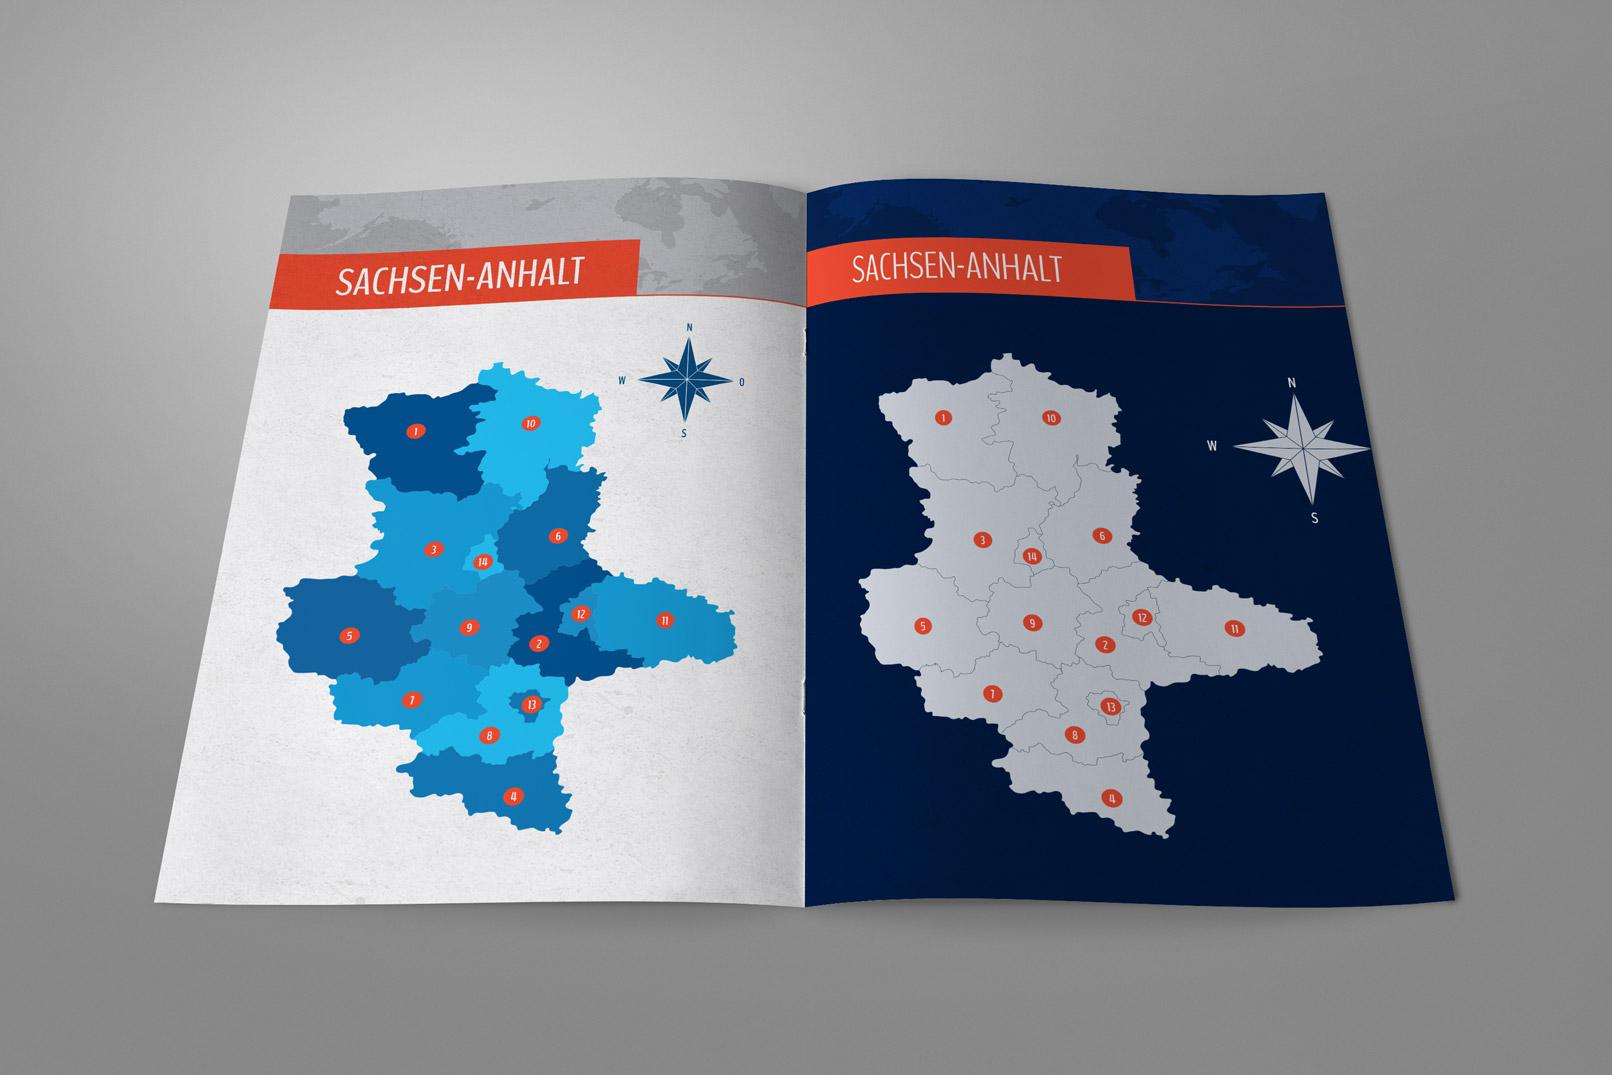 Broschüre mit der Landkarte von Sachsen-Anhalt